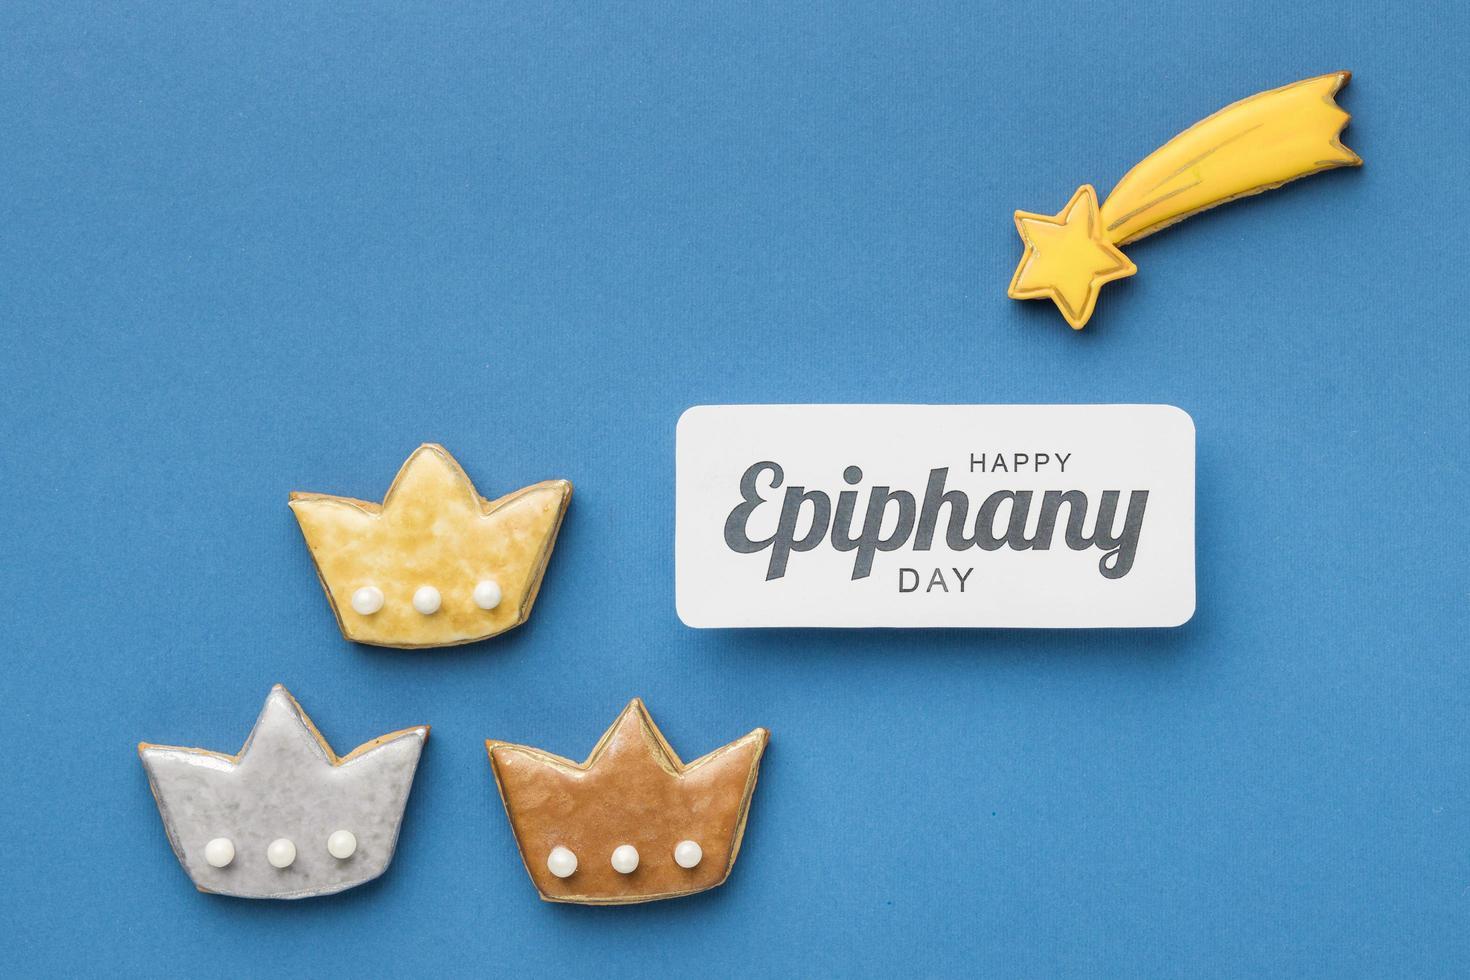 tres coronas con galletas de estrella fugaz para el día de la epifanía foto